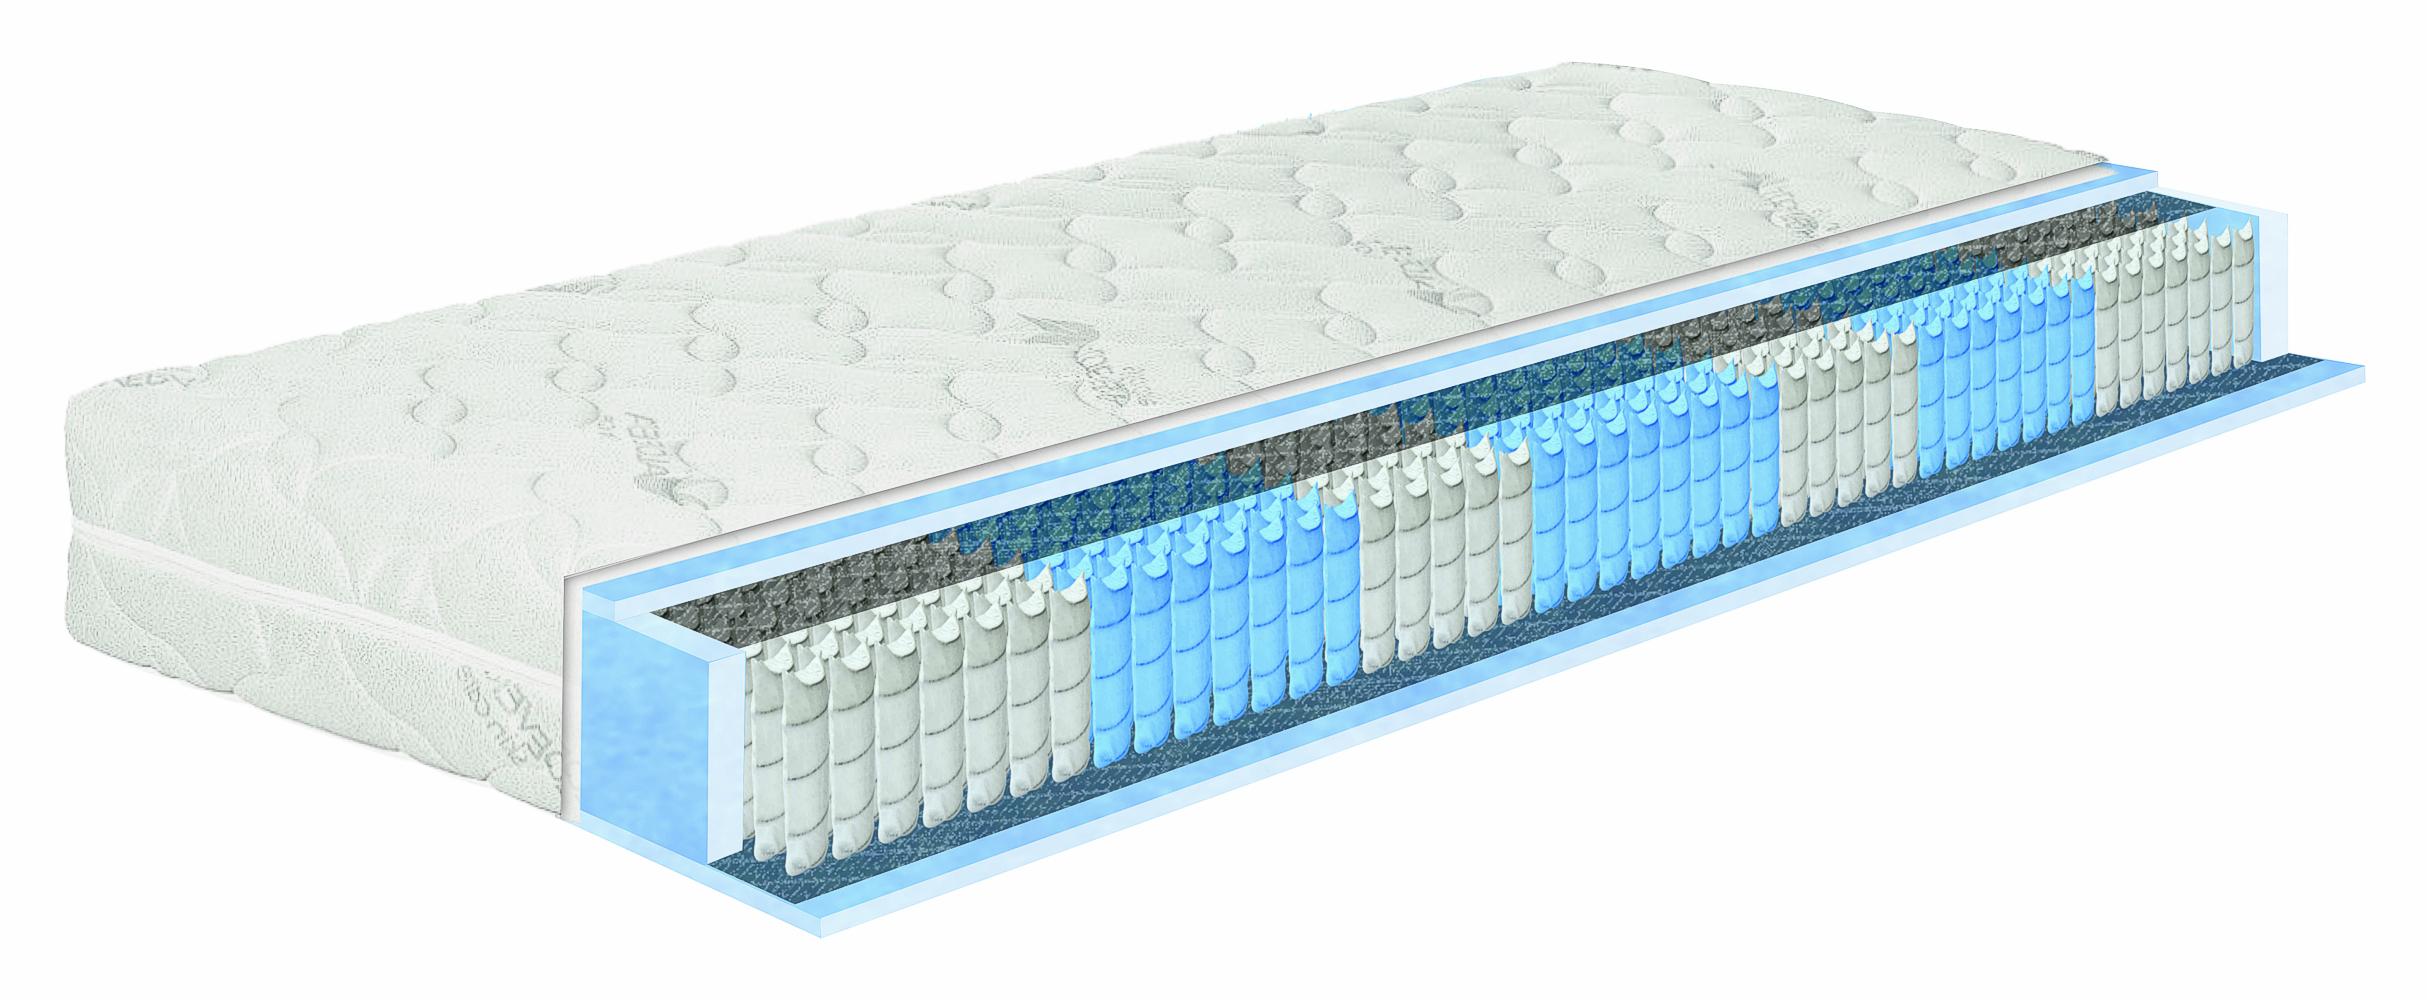 micro taschen federkern matratze m nchen 1000 federn auf 1x2m h4 90x200x23cm ebay. Black Bedroom Furniture Sets. Home Design Ideas